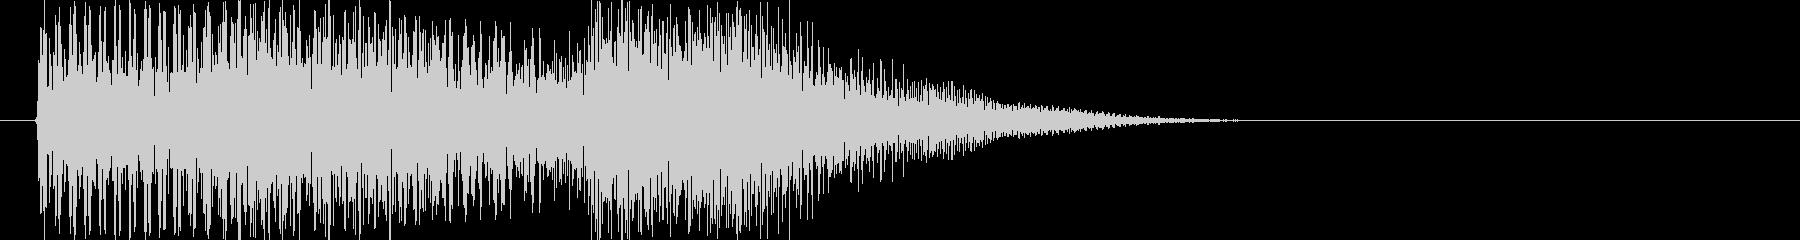 テロリラン_低音(スロットでの確定音)の未再生の波形